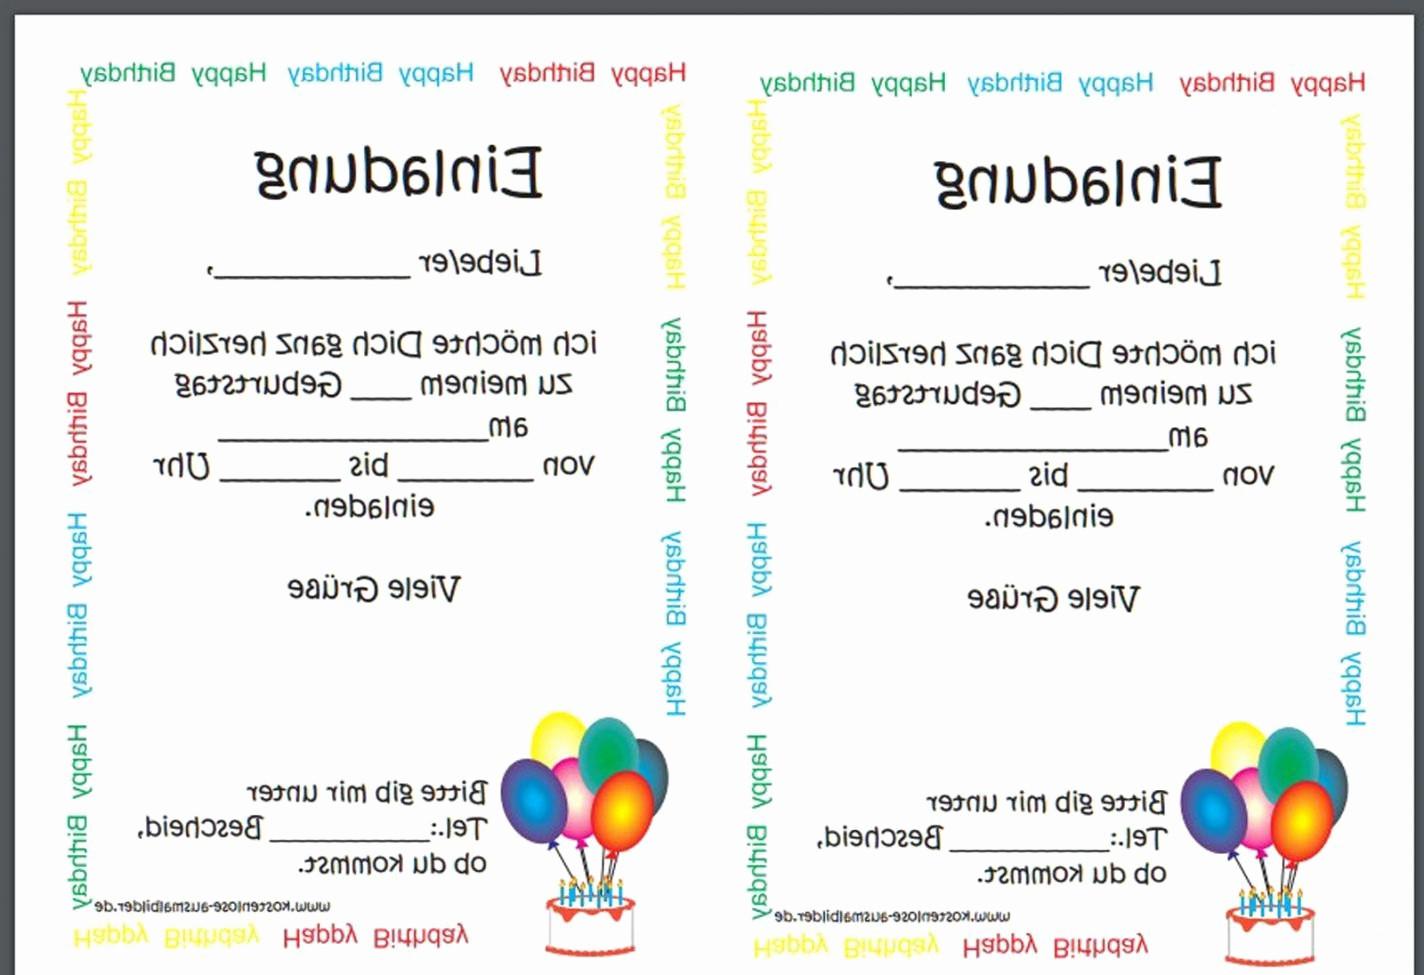 Coole Ausmalbilder Zum Ausdrucken Das Beste Von 20 Lecker Ausmalbilder Drucken – Malvorlagen Ideen Sammlung